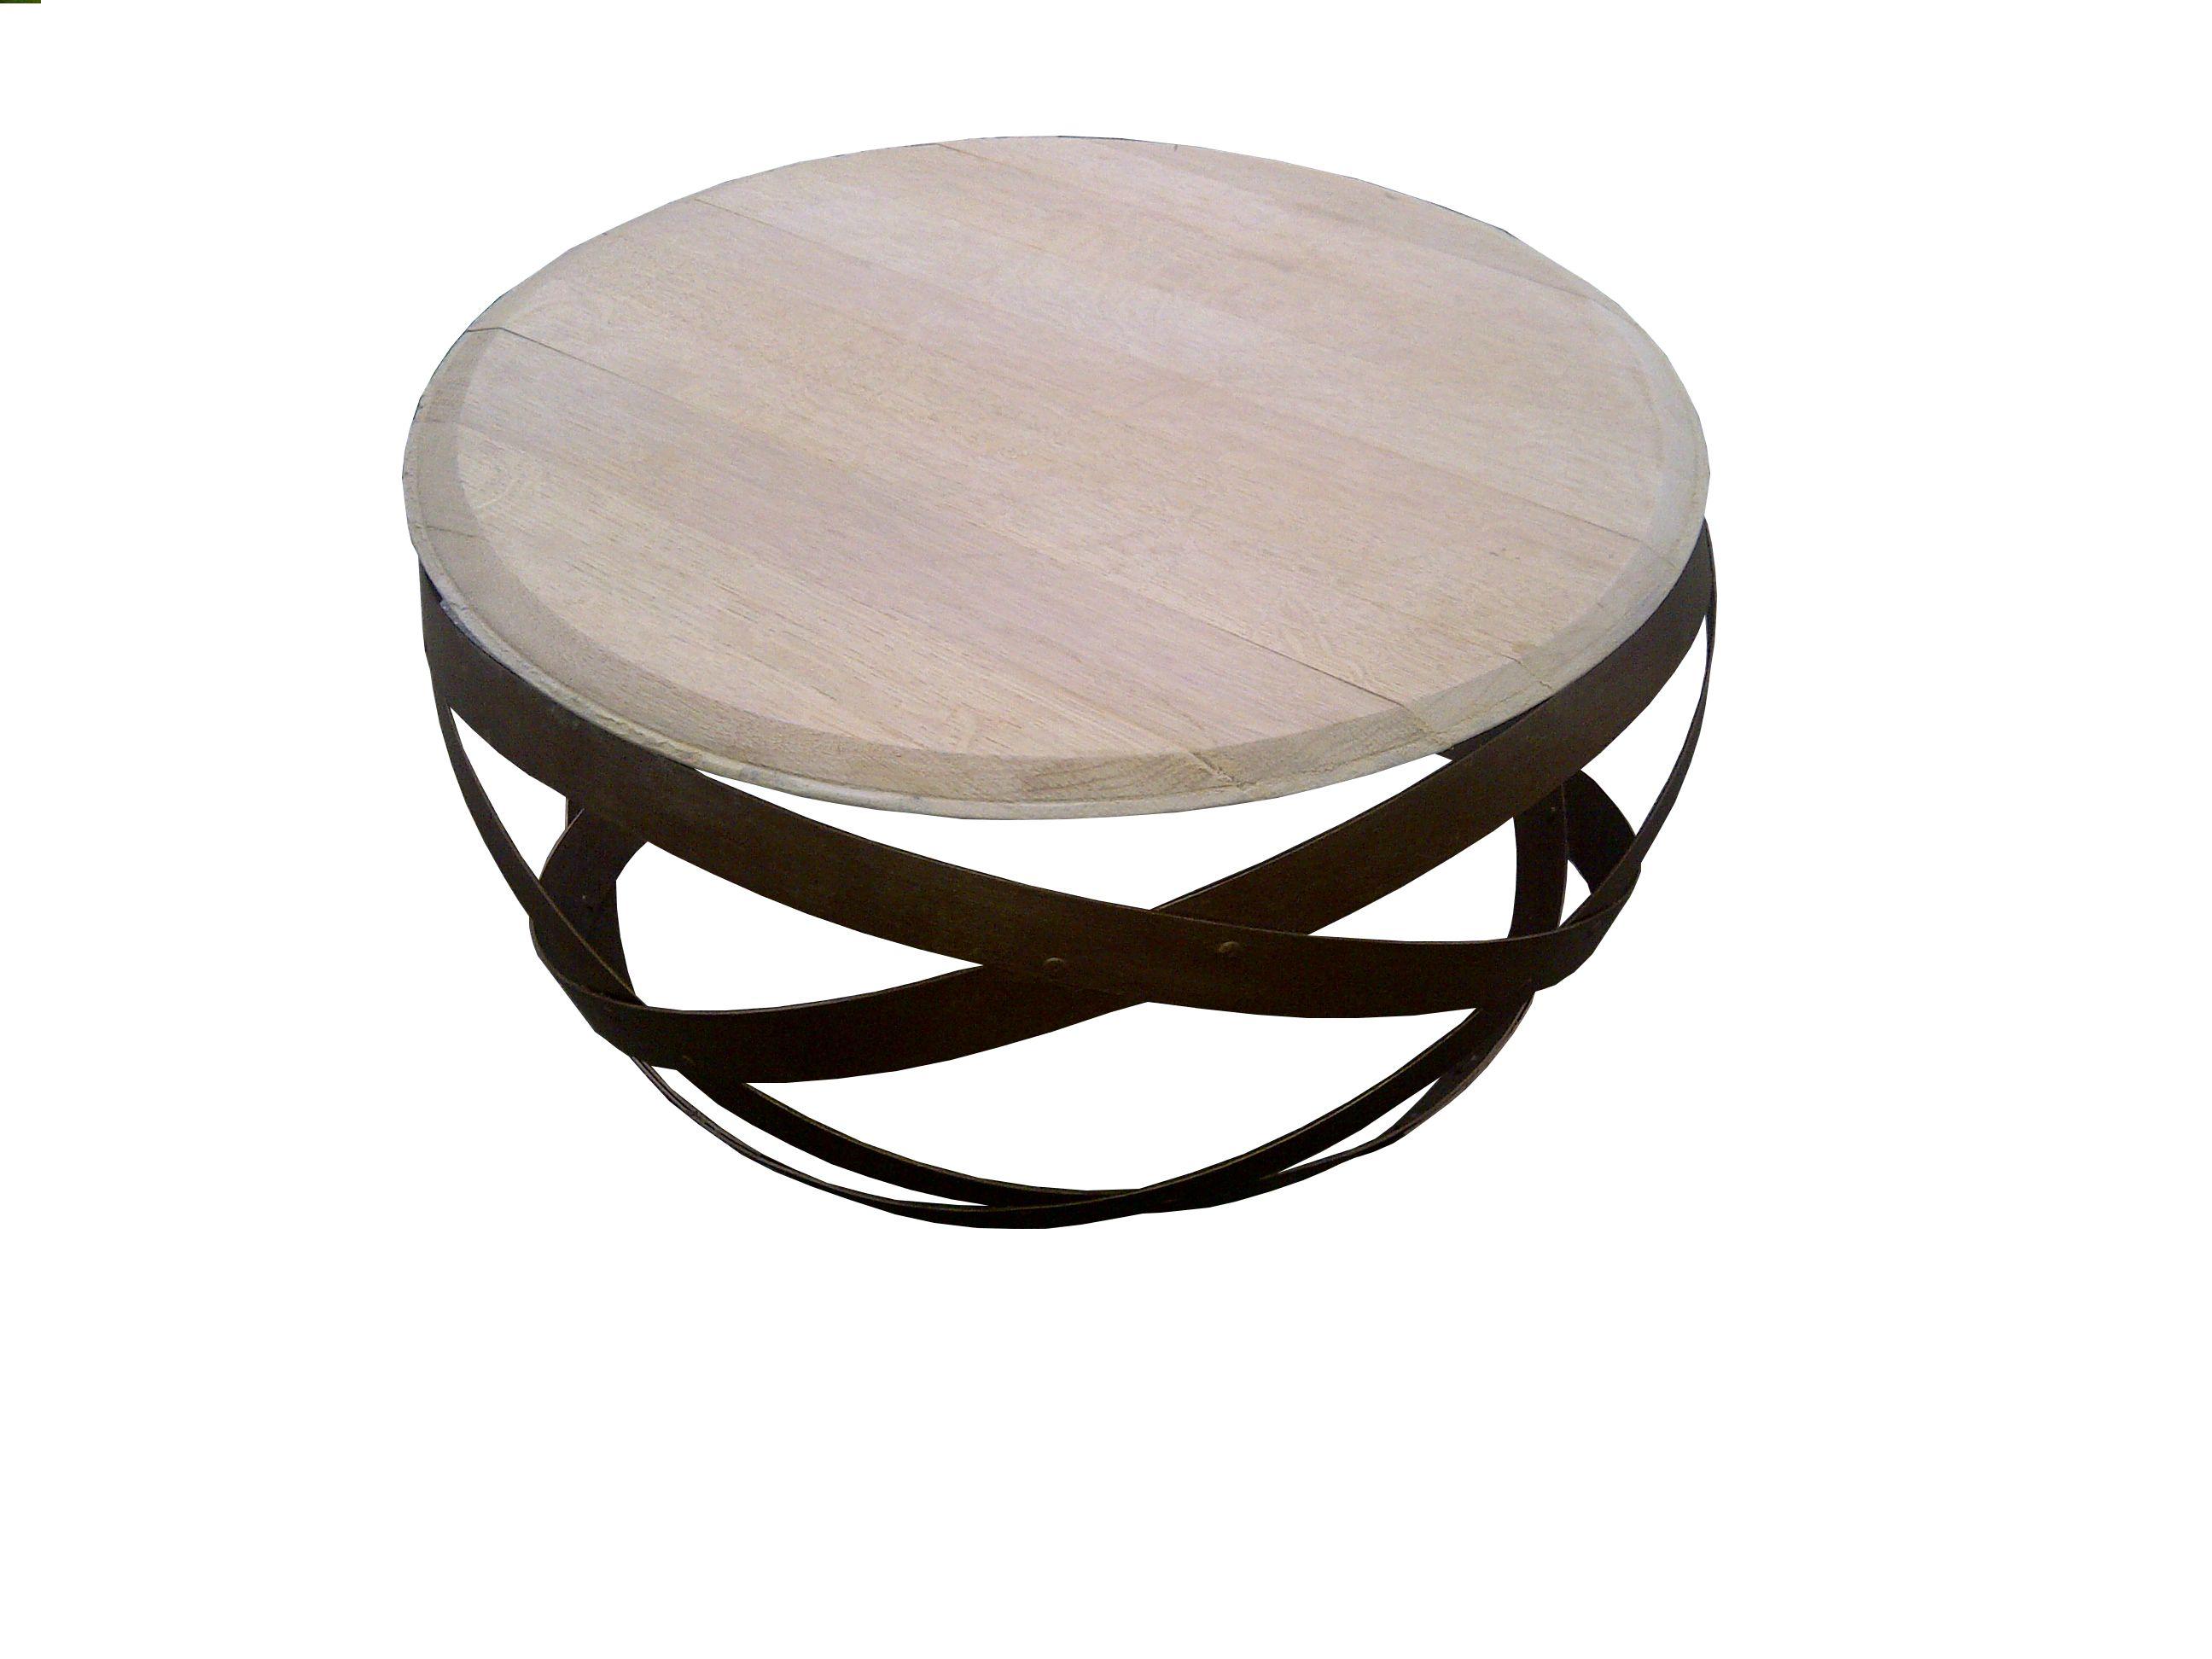 e5cfb948c54606deeeea7350134f7d12 Meilleur De De Table Basse tonneau Conception